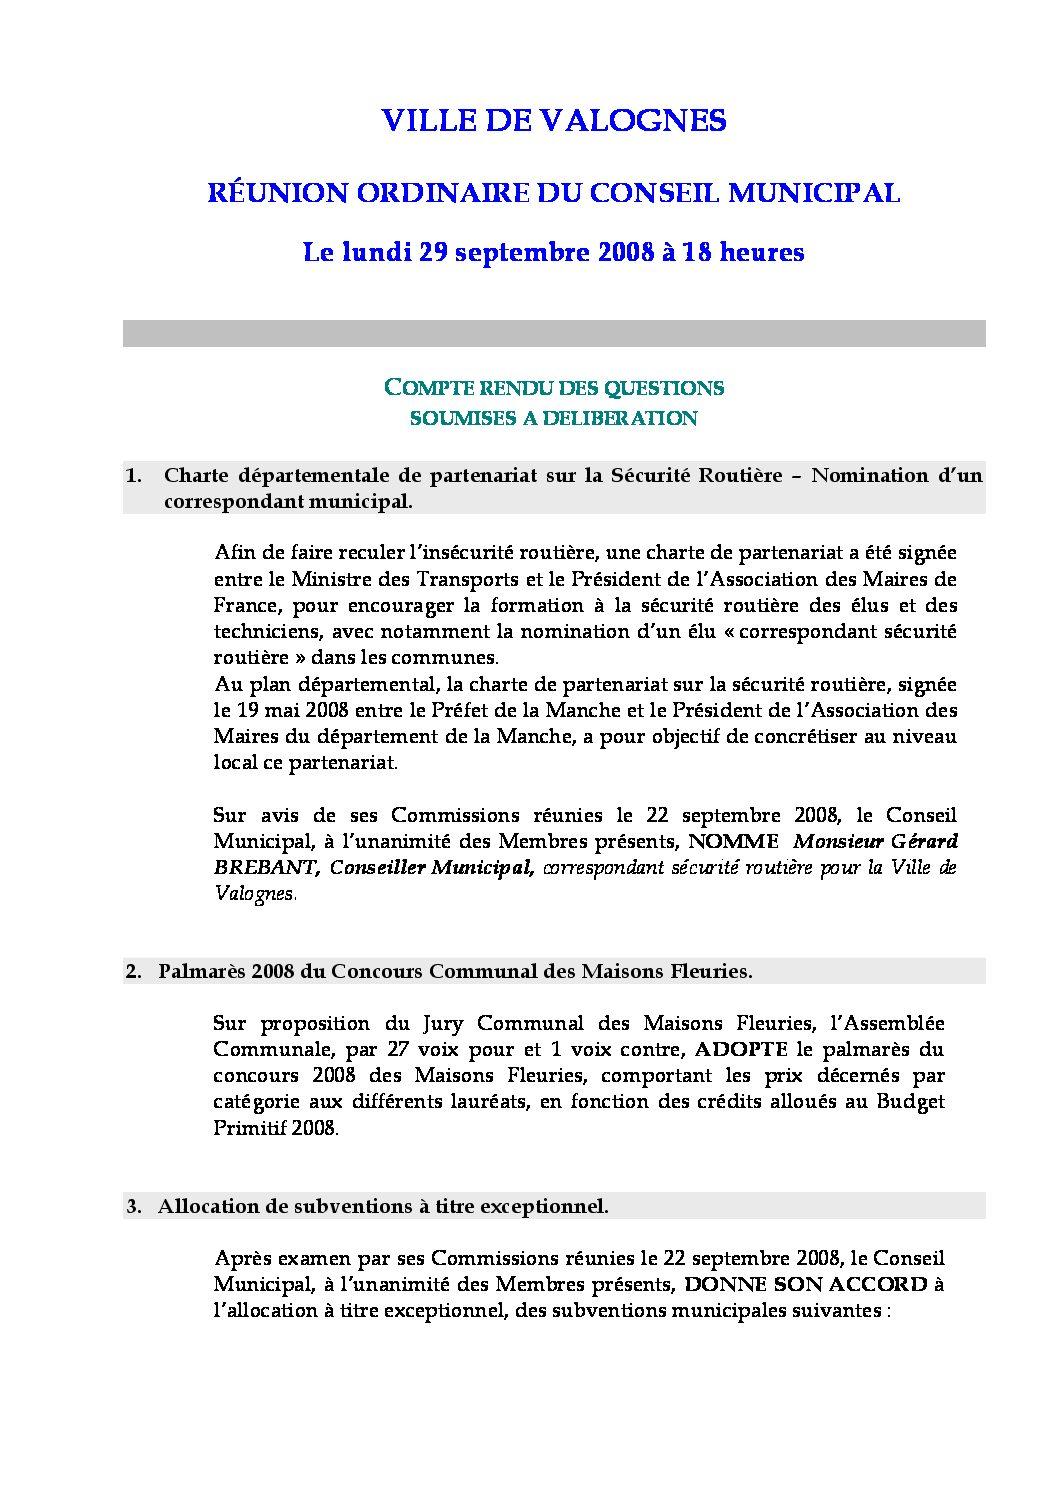 Extrait du registre des délibérations du 29-09-2008 - Compte rendu des questions soumises à délibération lors de la séance du Conseil Municipal du 29 septembre 2008.